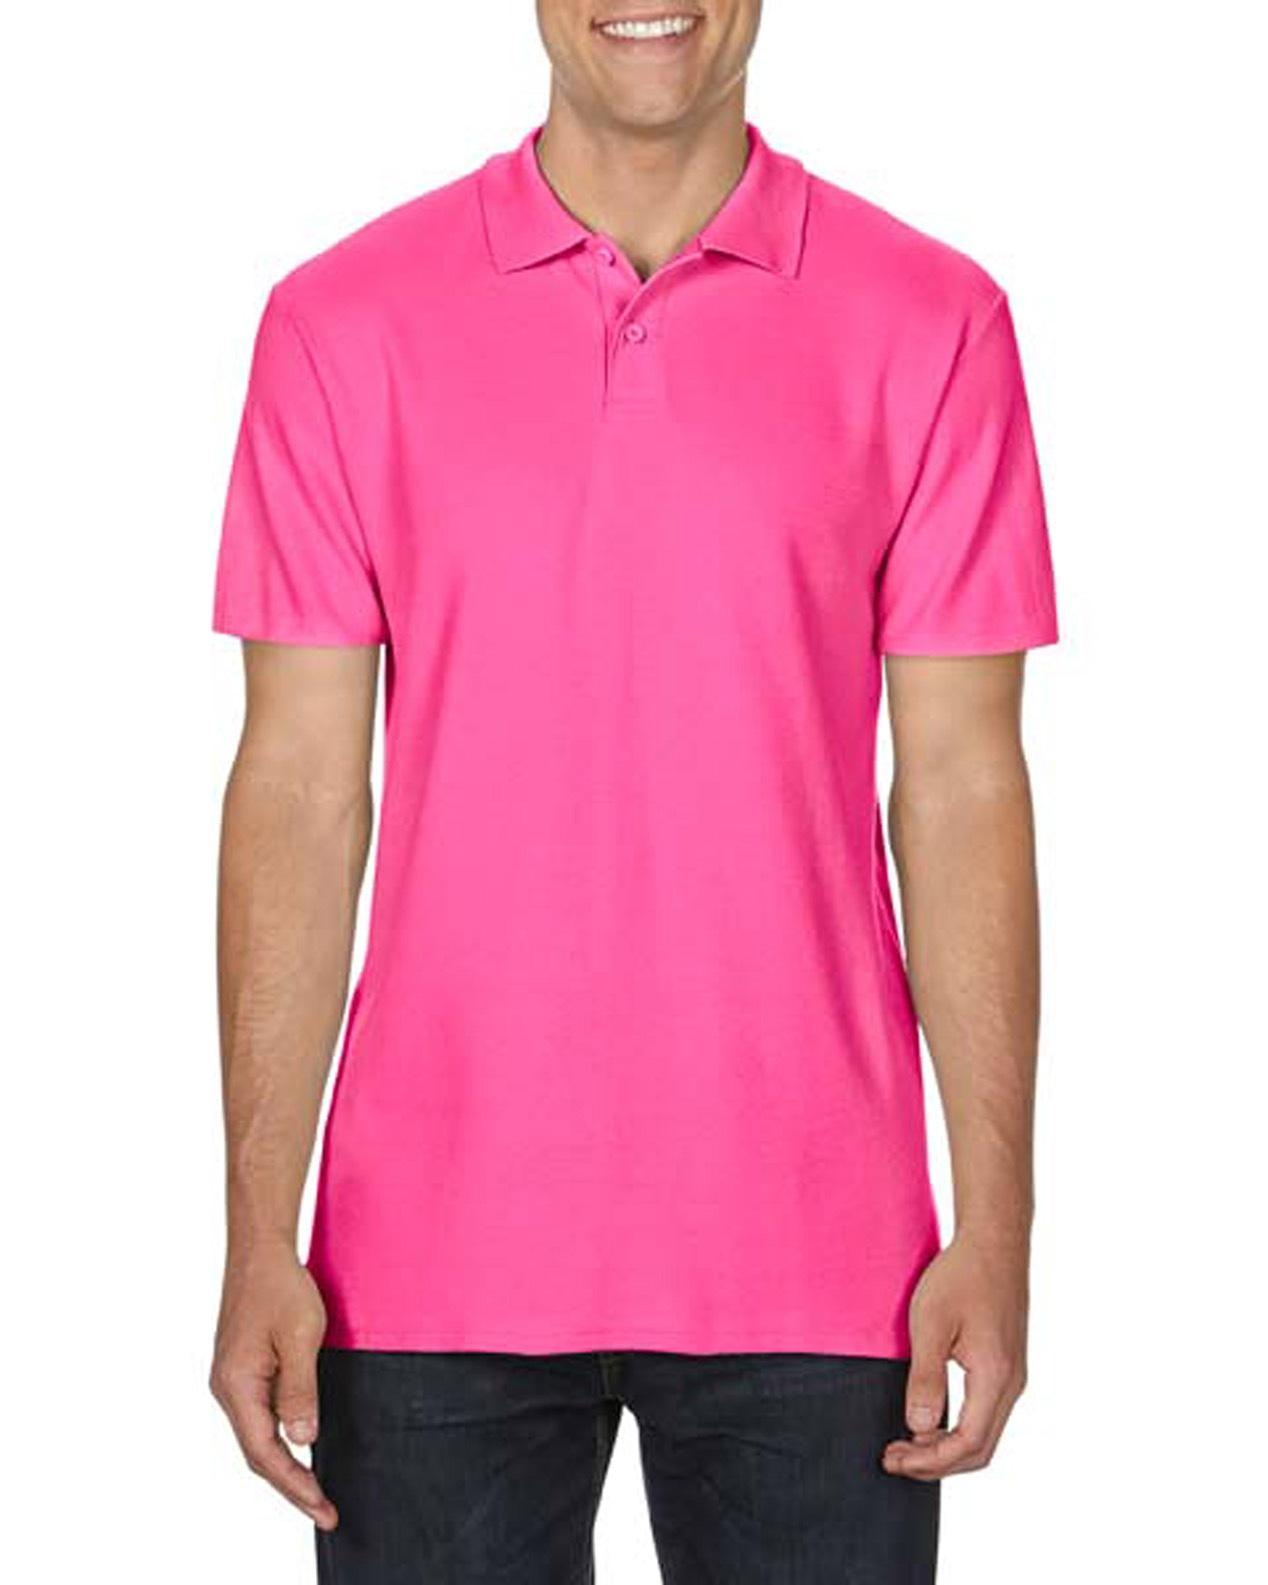 100 cotton Gildan polo shirt heliconia